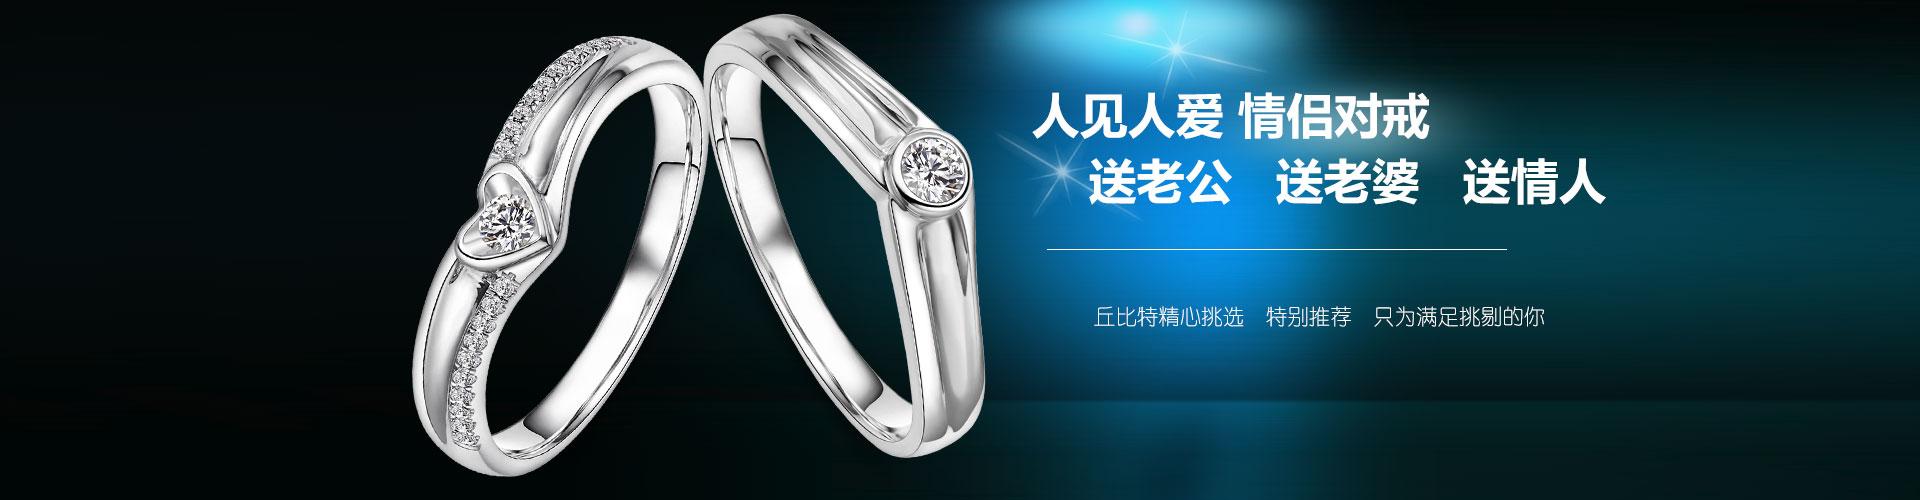 钻石情侣对戒指